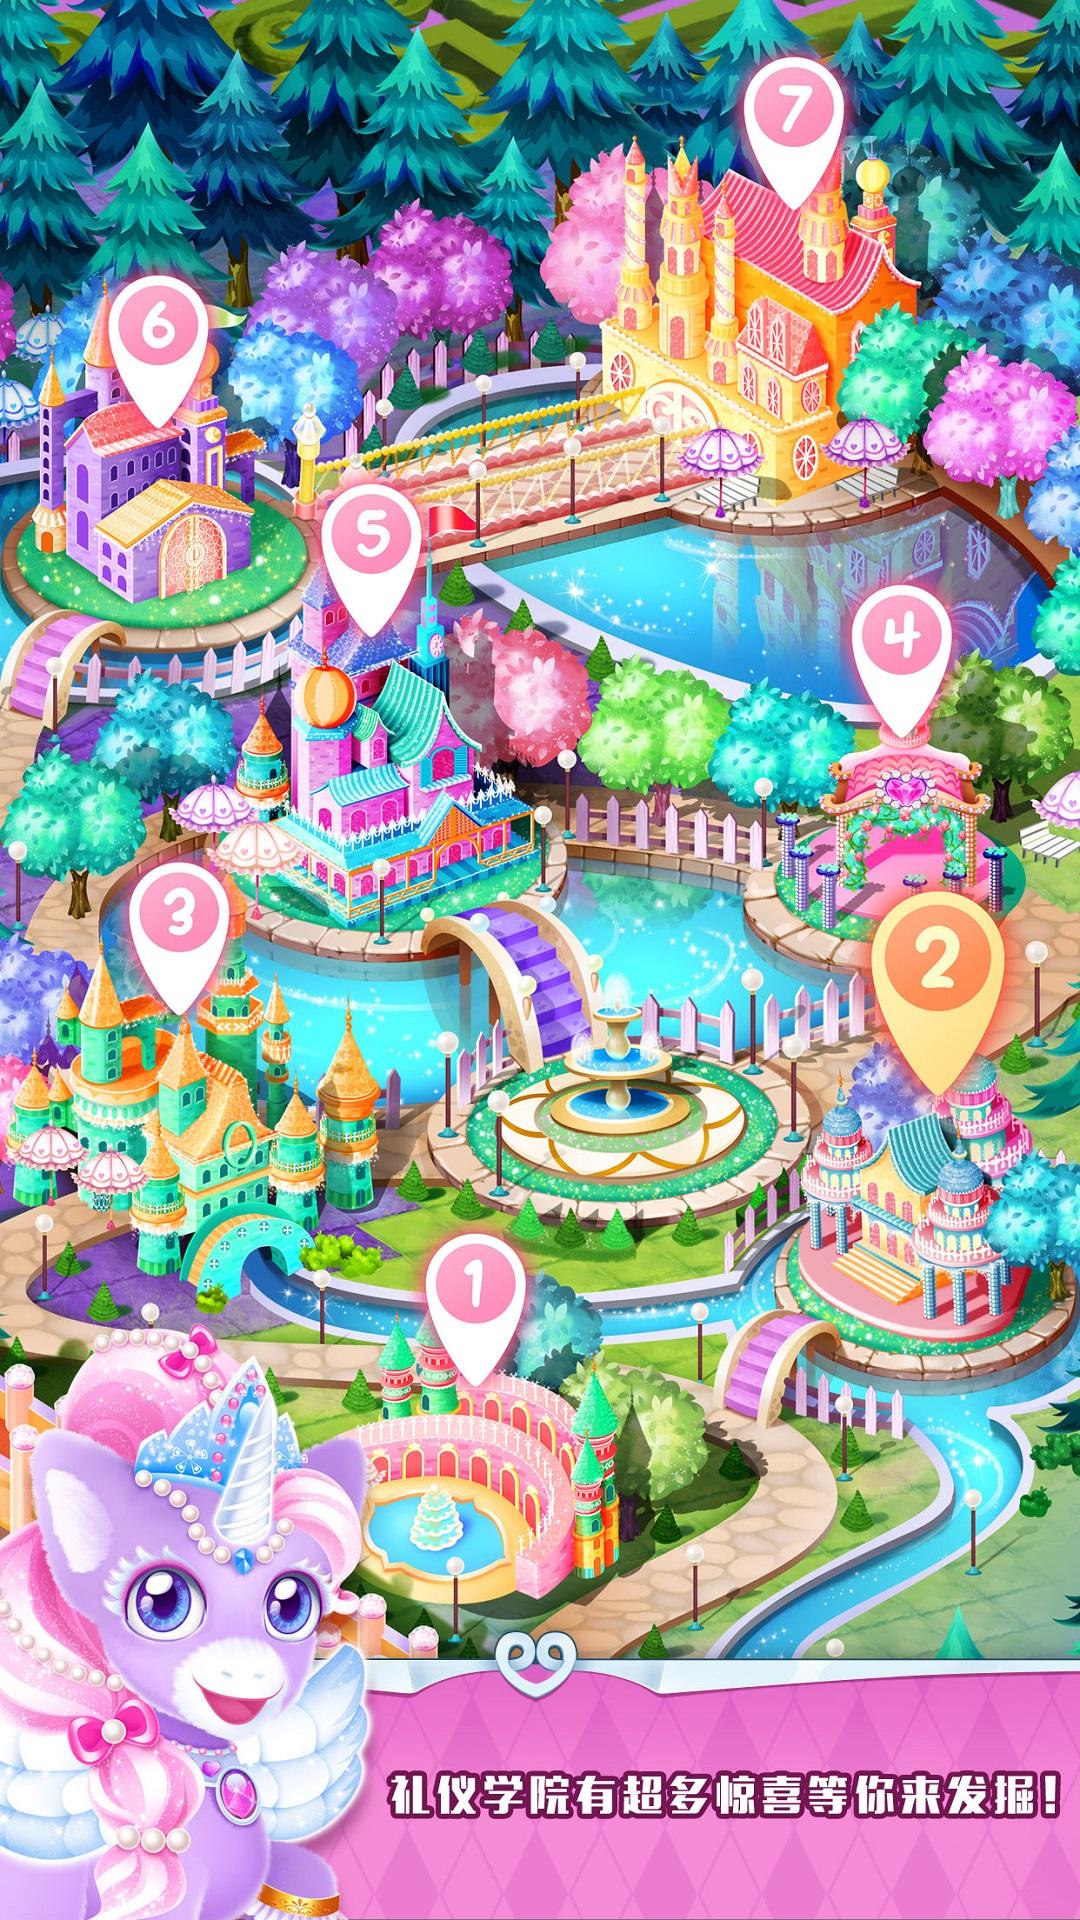 魔法公主礼仪学院软件截图4